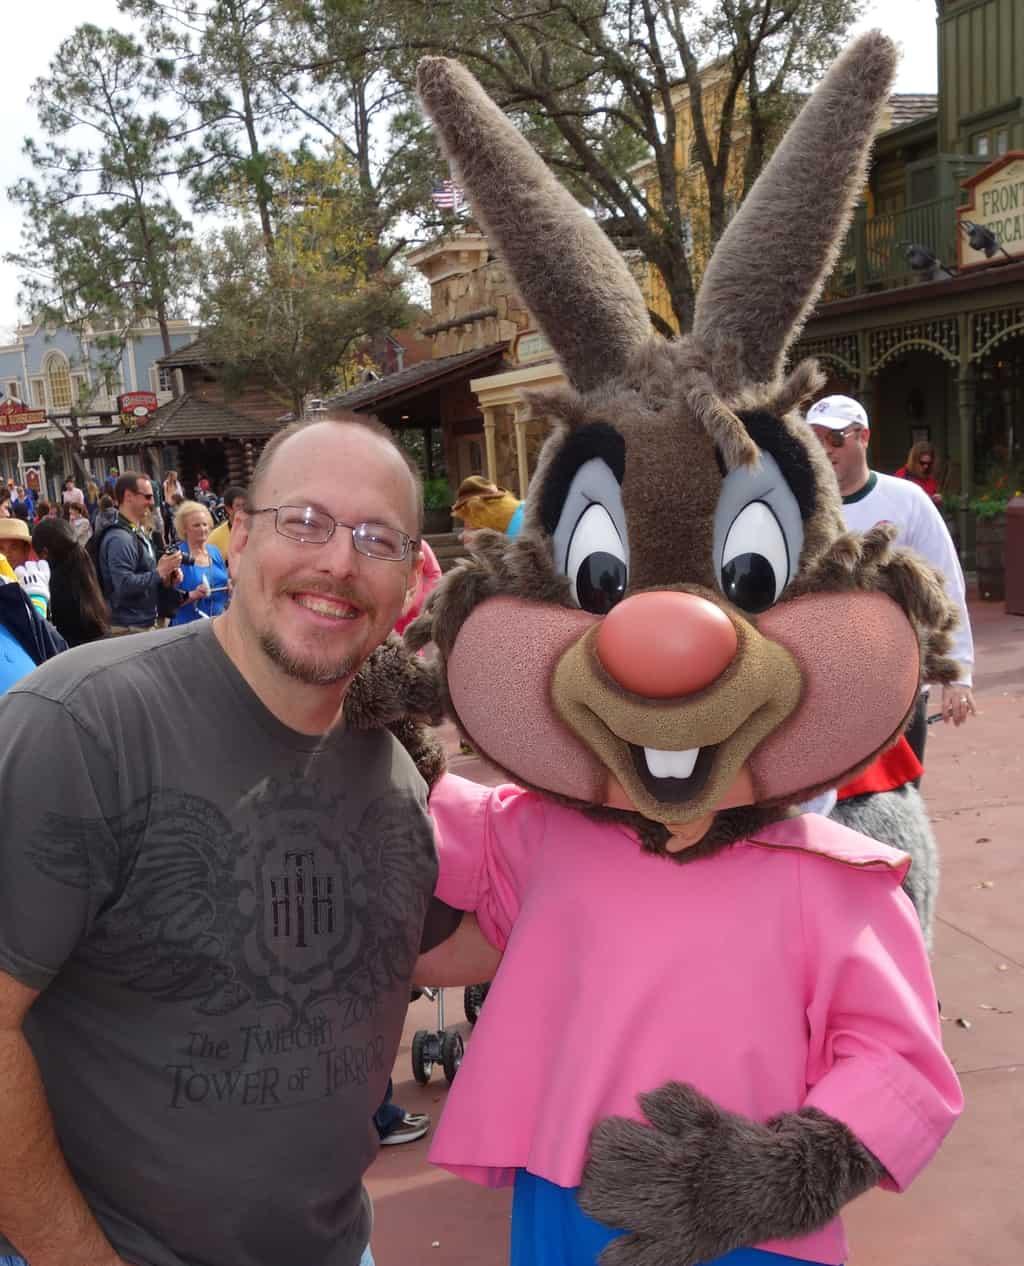 Brer Rabbit Jan 2013 (6)